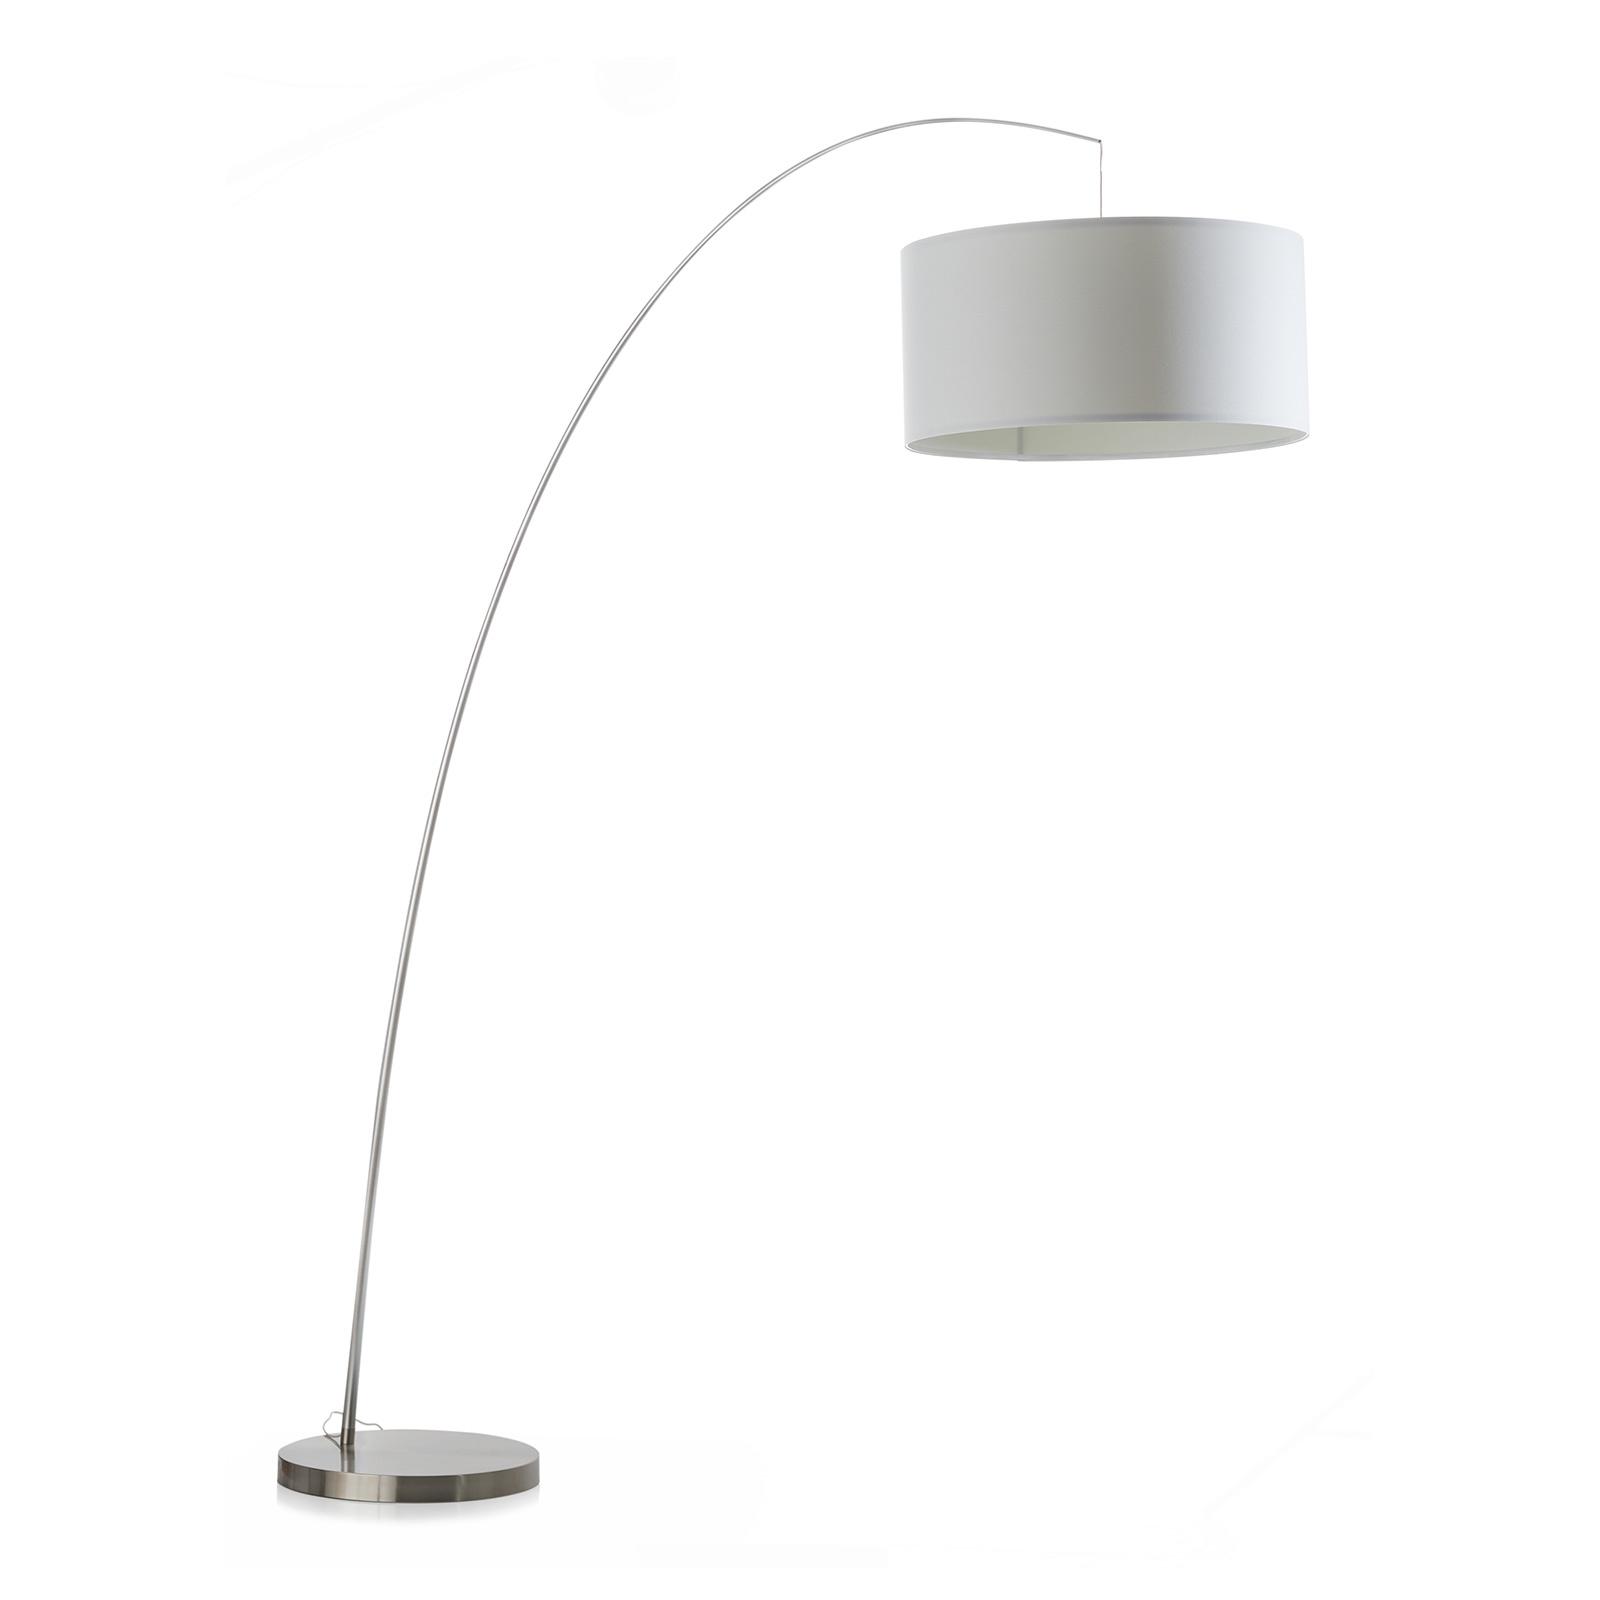 Łukowa lampa stojąca Fisher, biała/aluminiowa